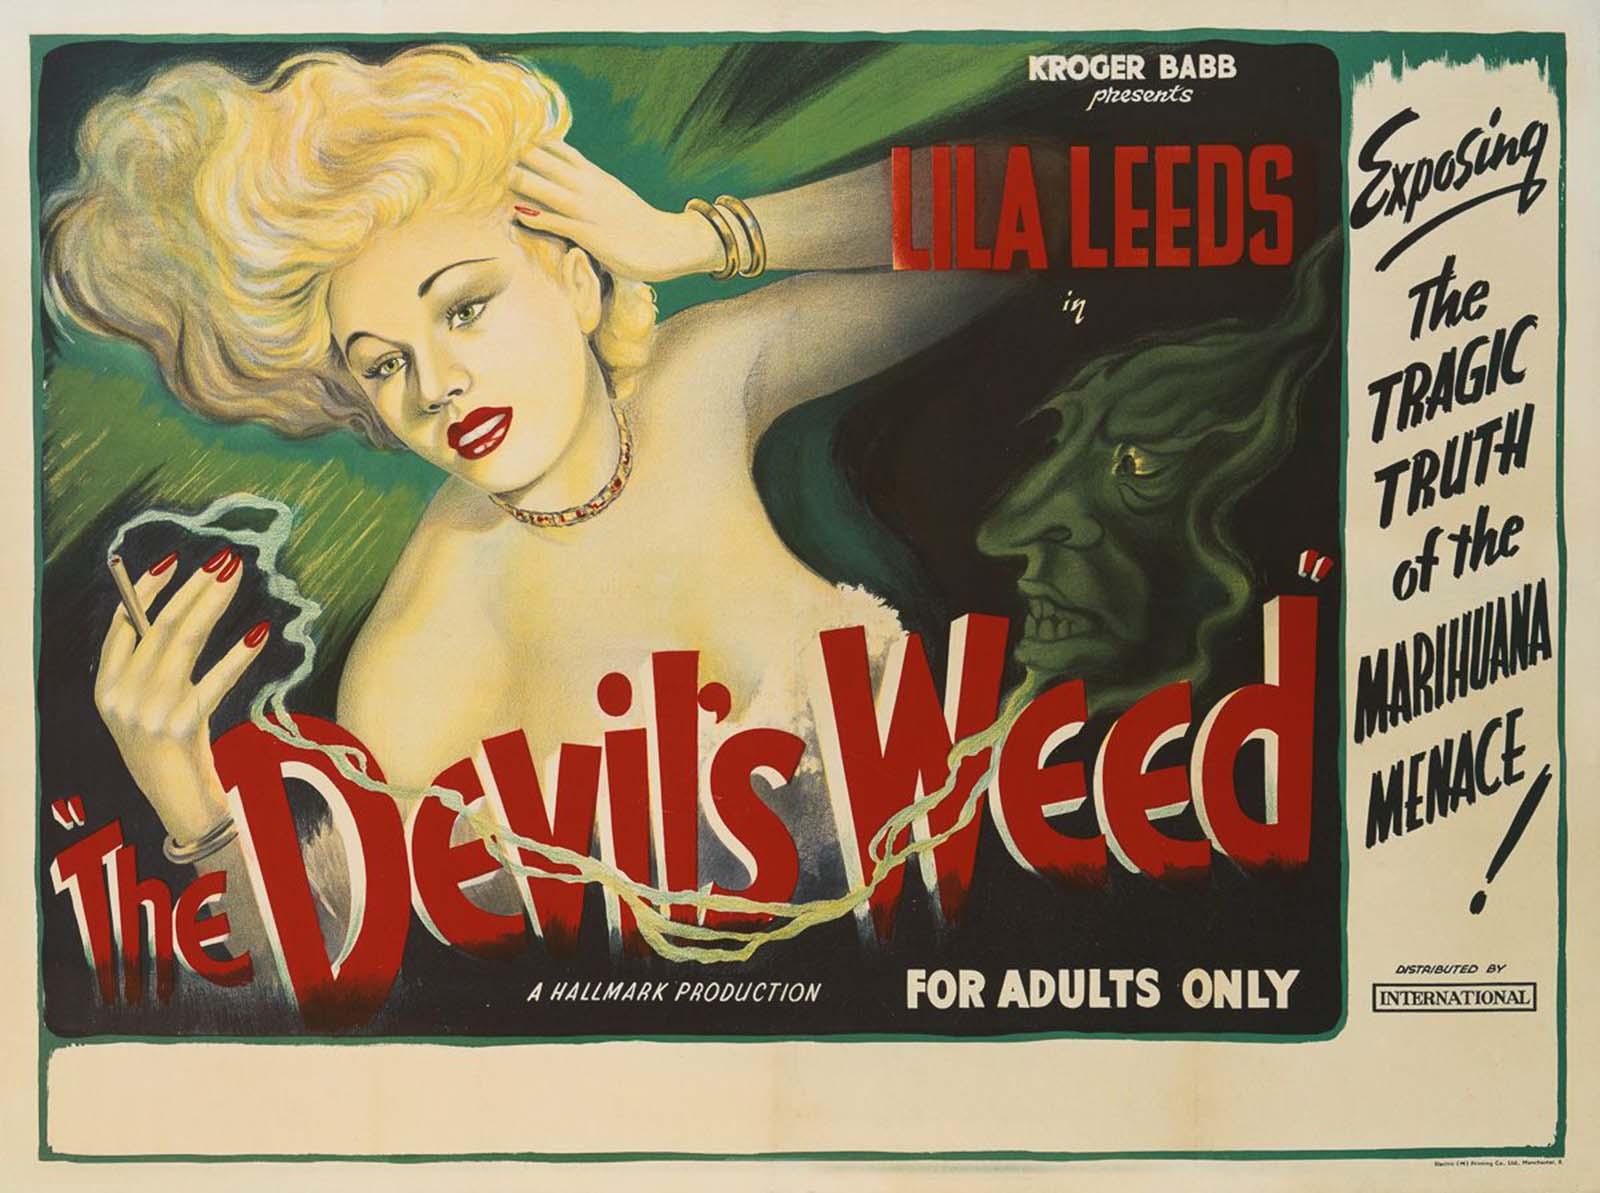 Carteles alarmistas de películas contra la marihuana, 1936-1950